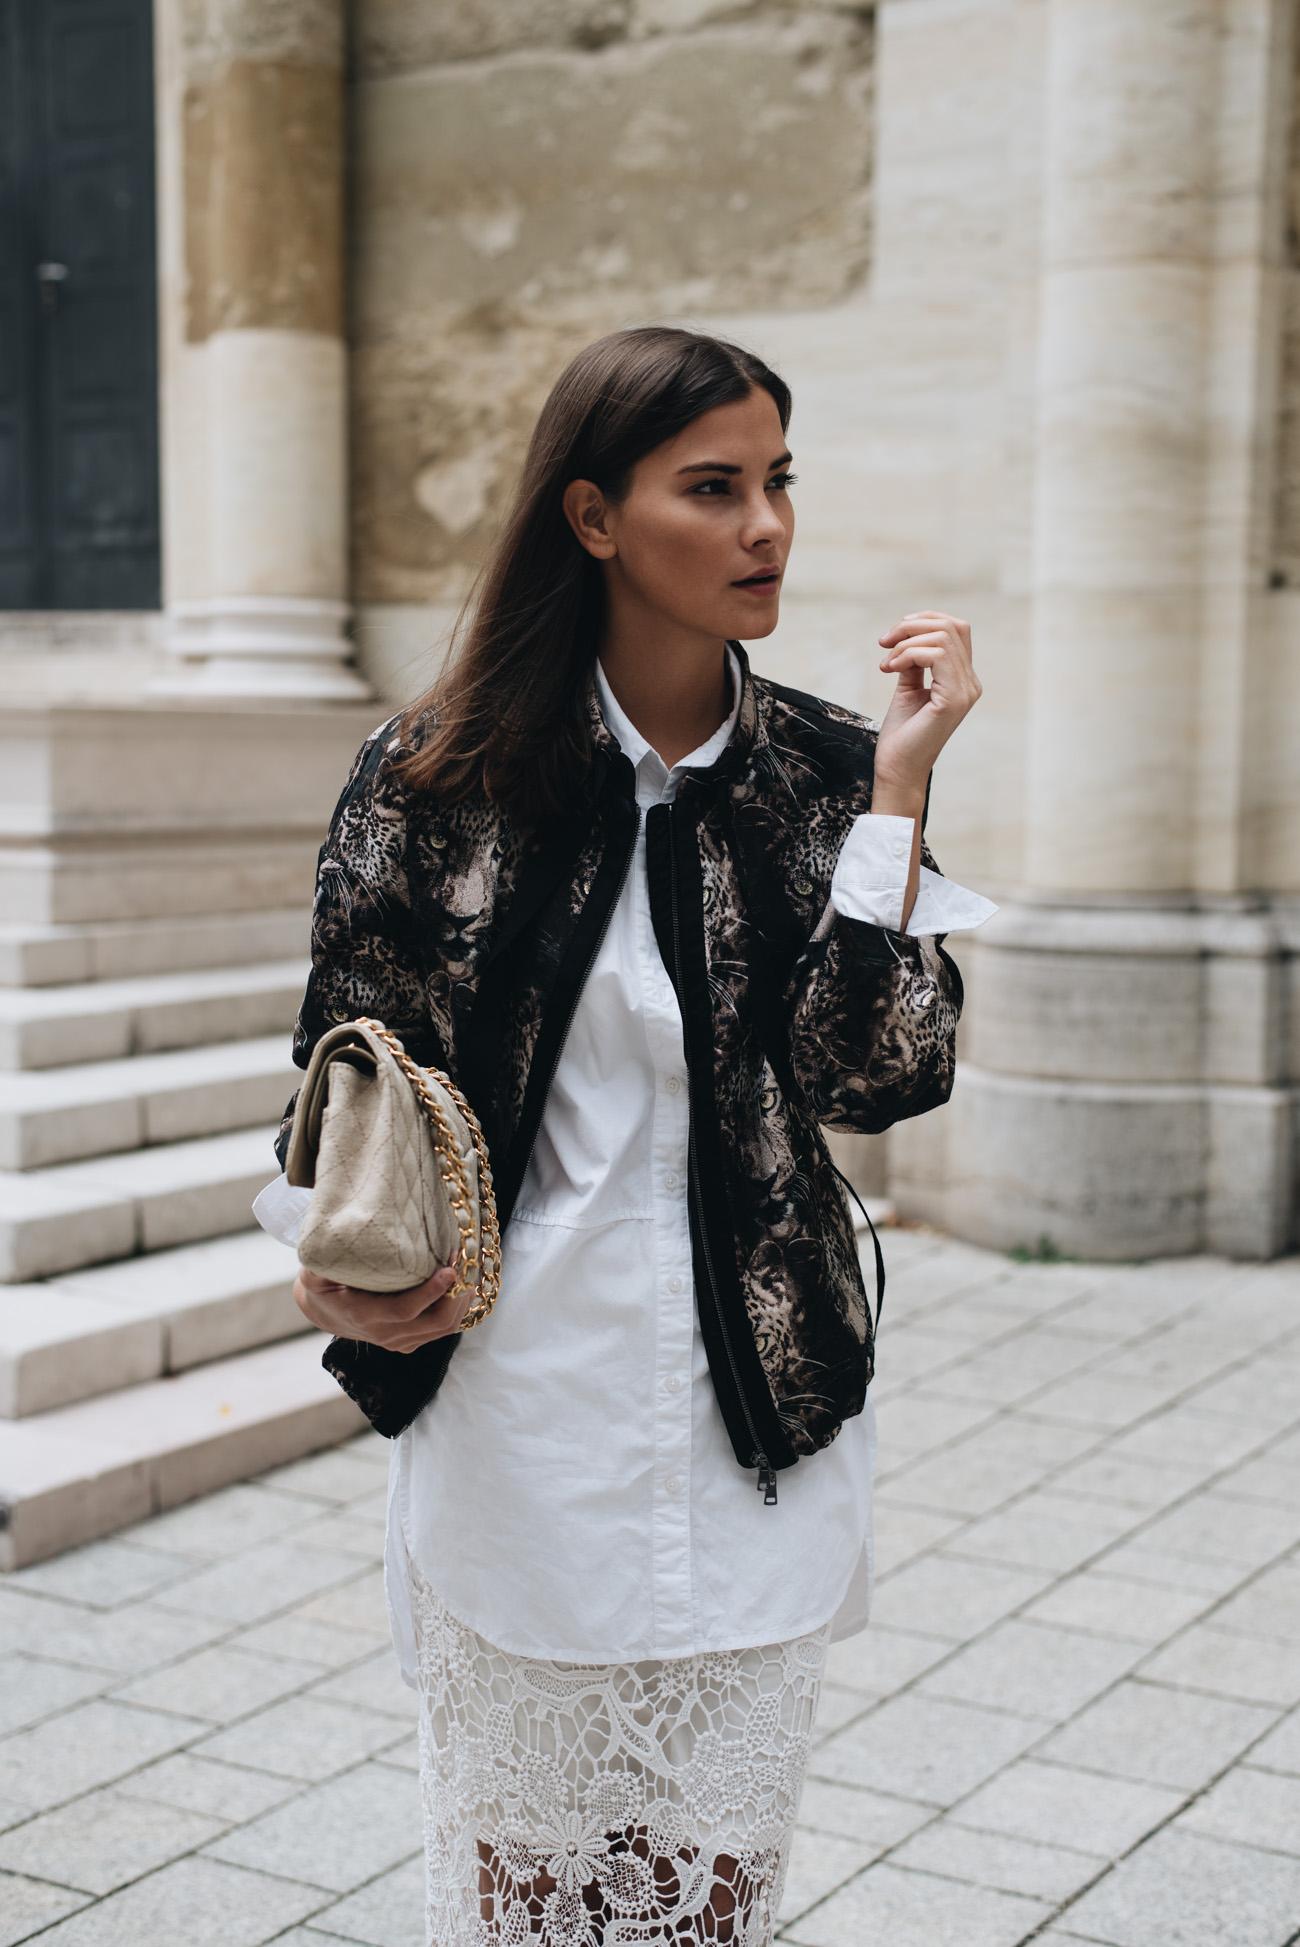 Bomberjacke-edel-und-modisch-kombinieren-weiße-bluse-goldenen-high-heels-spitzenrock-nina-schwichtenberg-fashiioncarpet